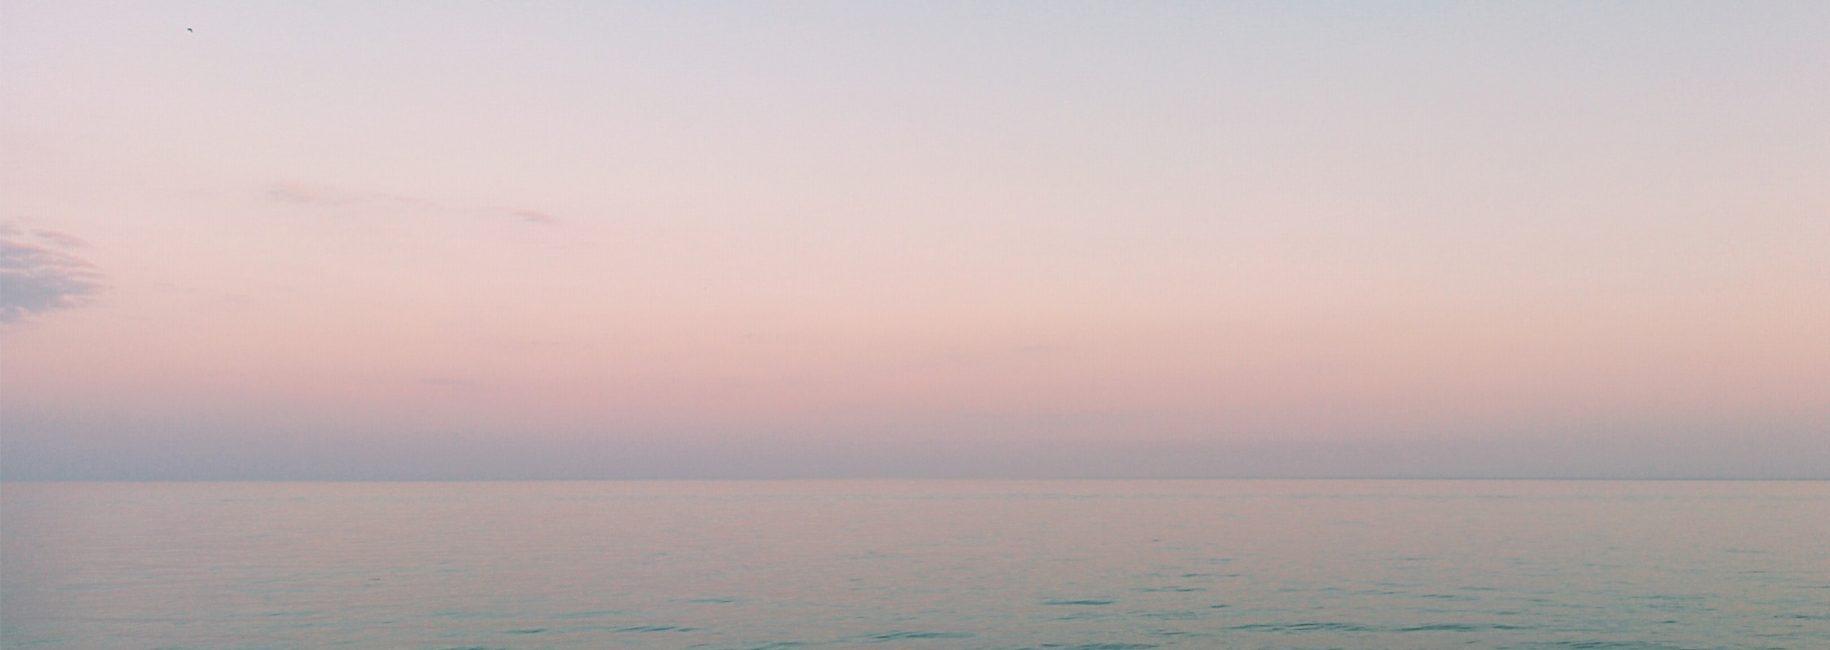 sunrise-sea